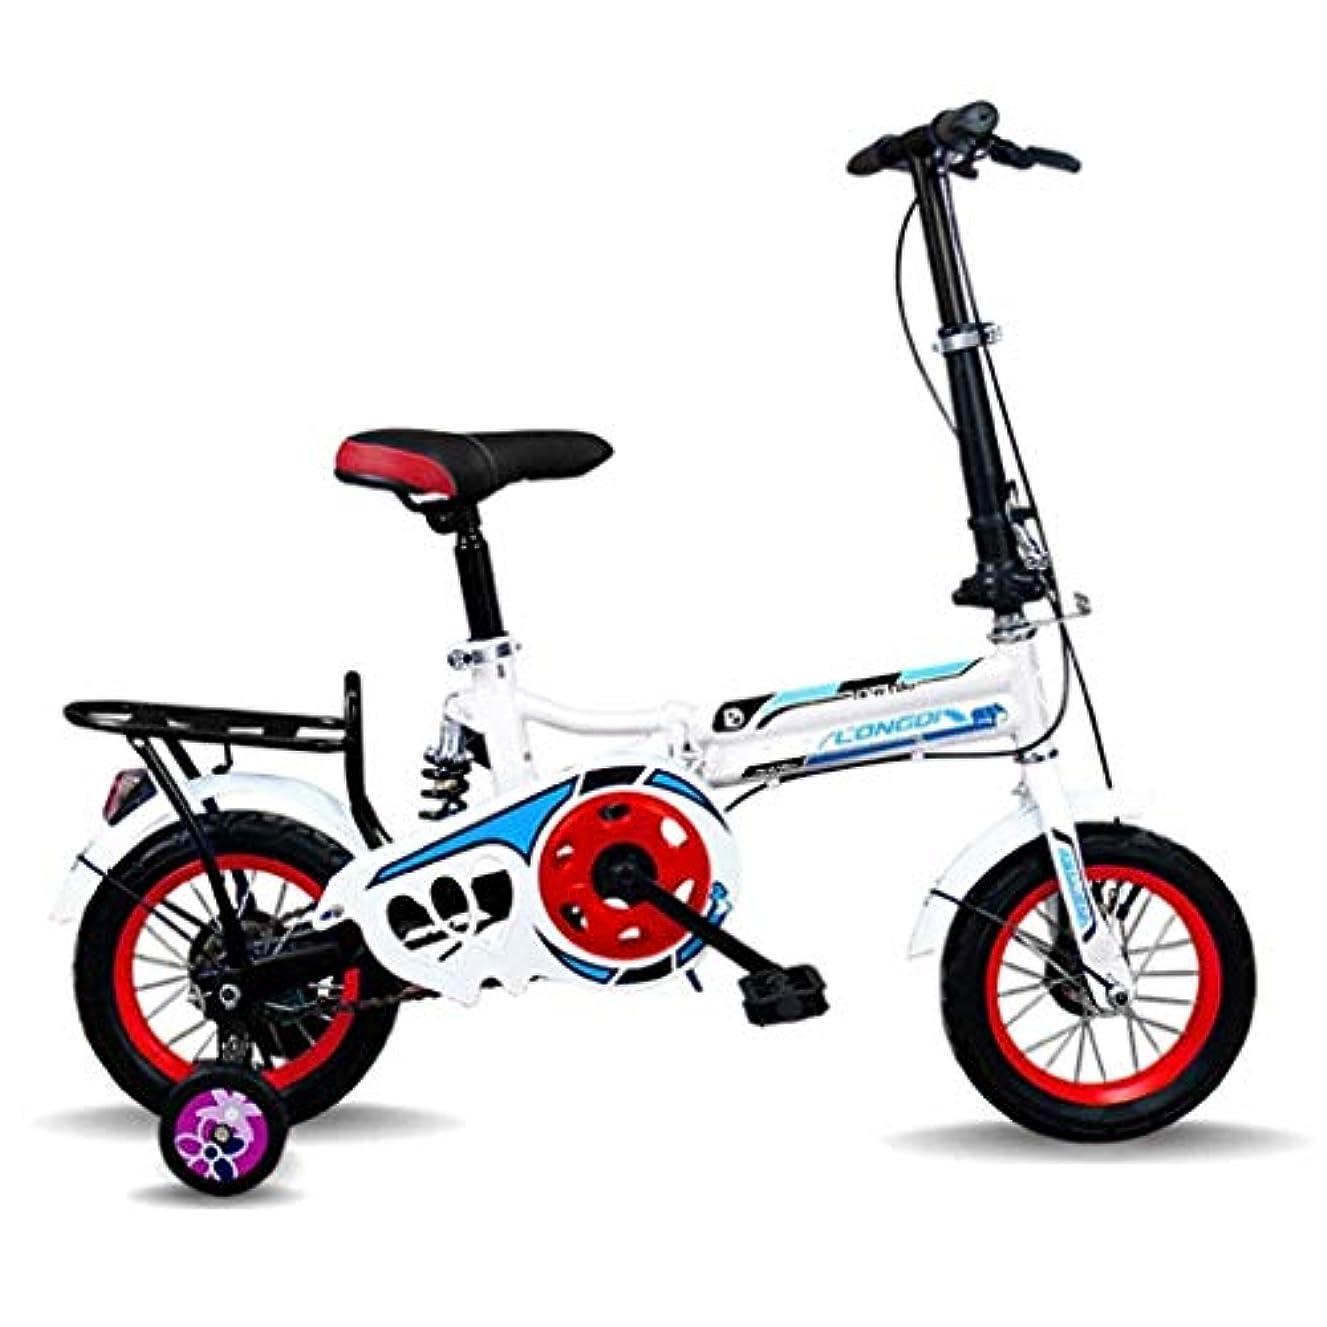 雑多なロードブロッキング革命Luckya 子供の折りたたみ自転車12インチ超軽量ポータブル自転車の男性と女性の小中学校の自転車は子供のベストギフト与える(カラー:WHITE、サイズ:12インチ) マウンテンバイク